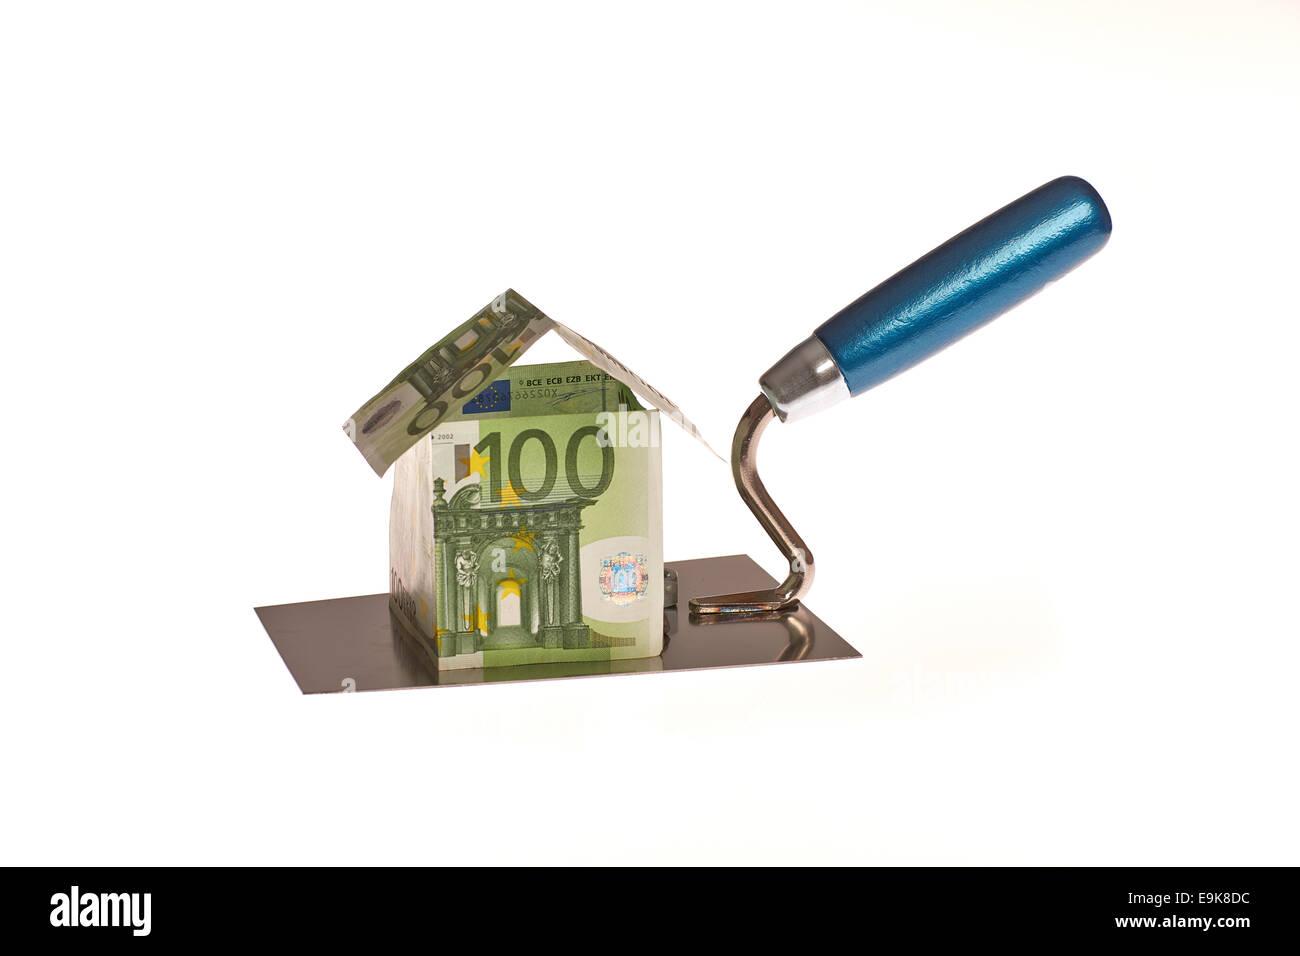 Haus aus Euro Geld auf einer Maurer Kellle - Stock Image